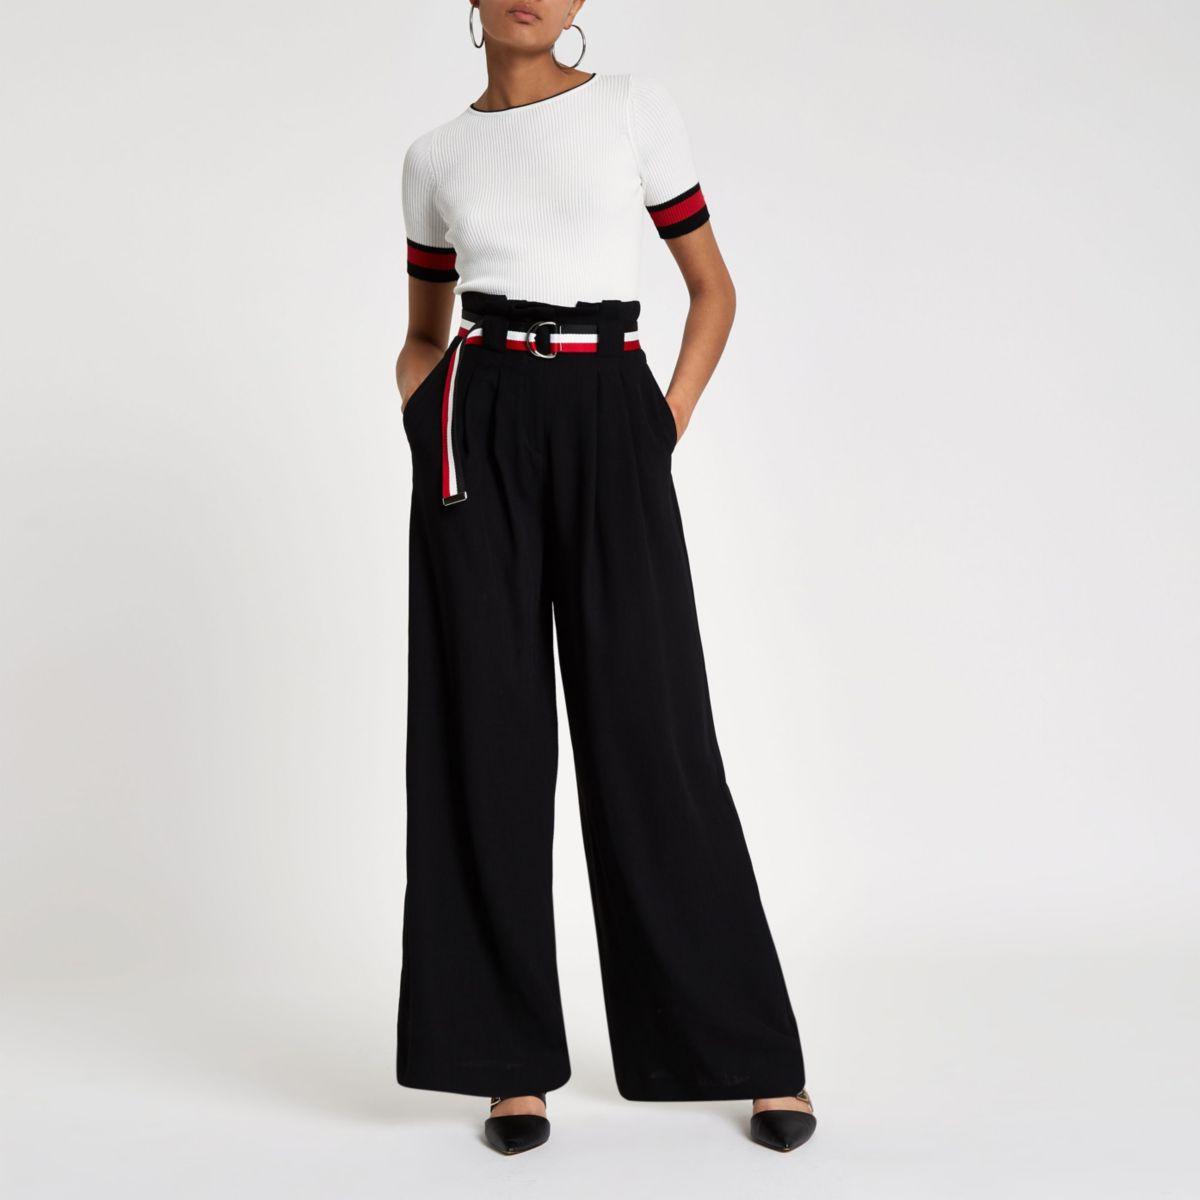 Schwarze Hose mit weitem Beinschnitt und gestreiftem Gürtel